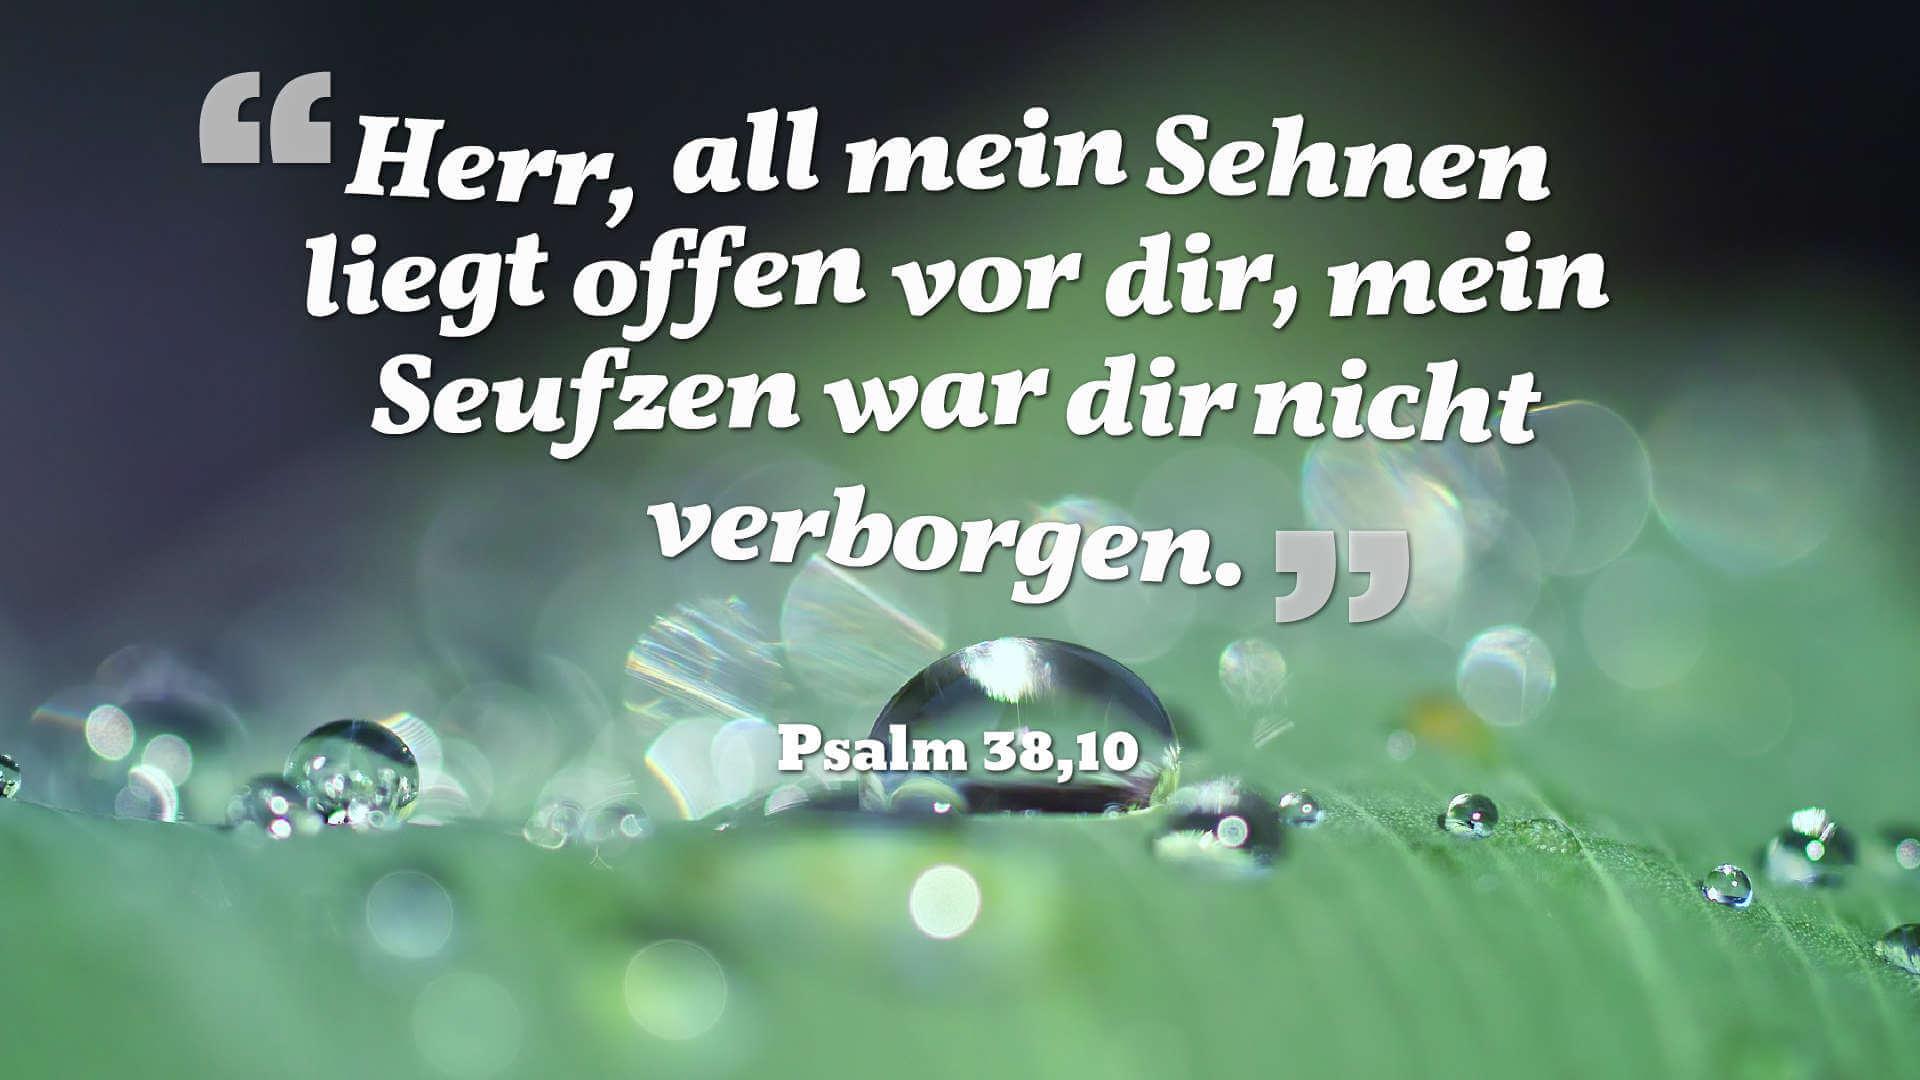 Herr, all mein Sehnen liegt offen vor dir, mein Seufzen war dir nicht verborgen. - Psalm 38,10